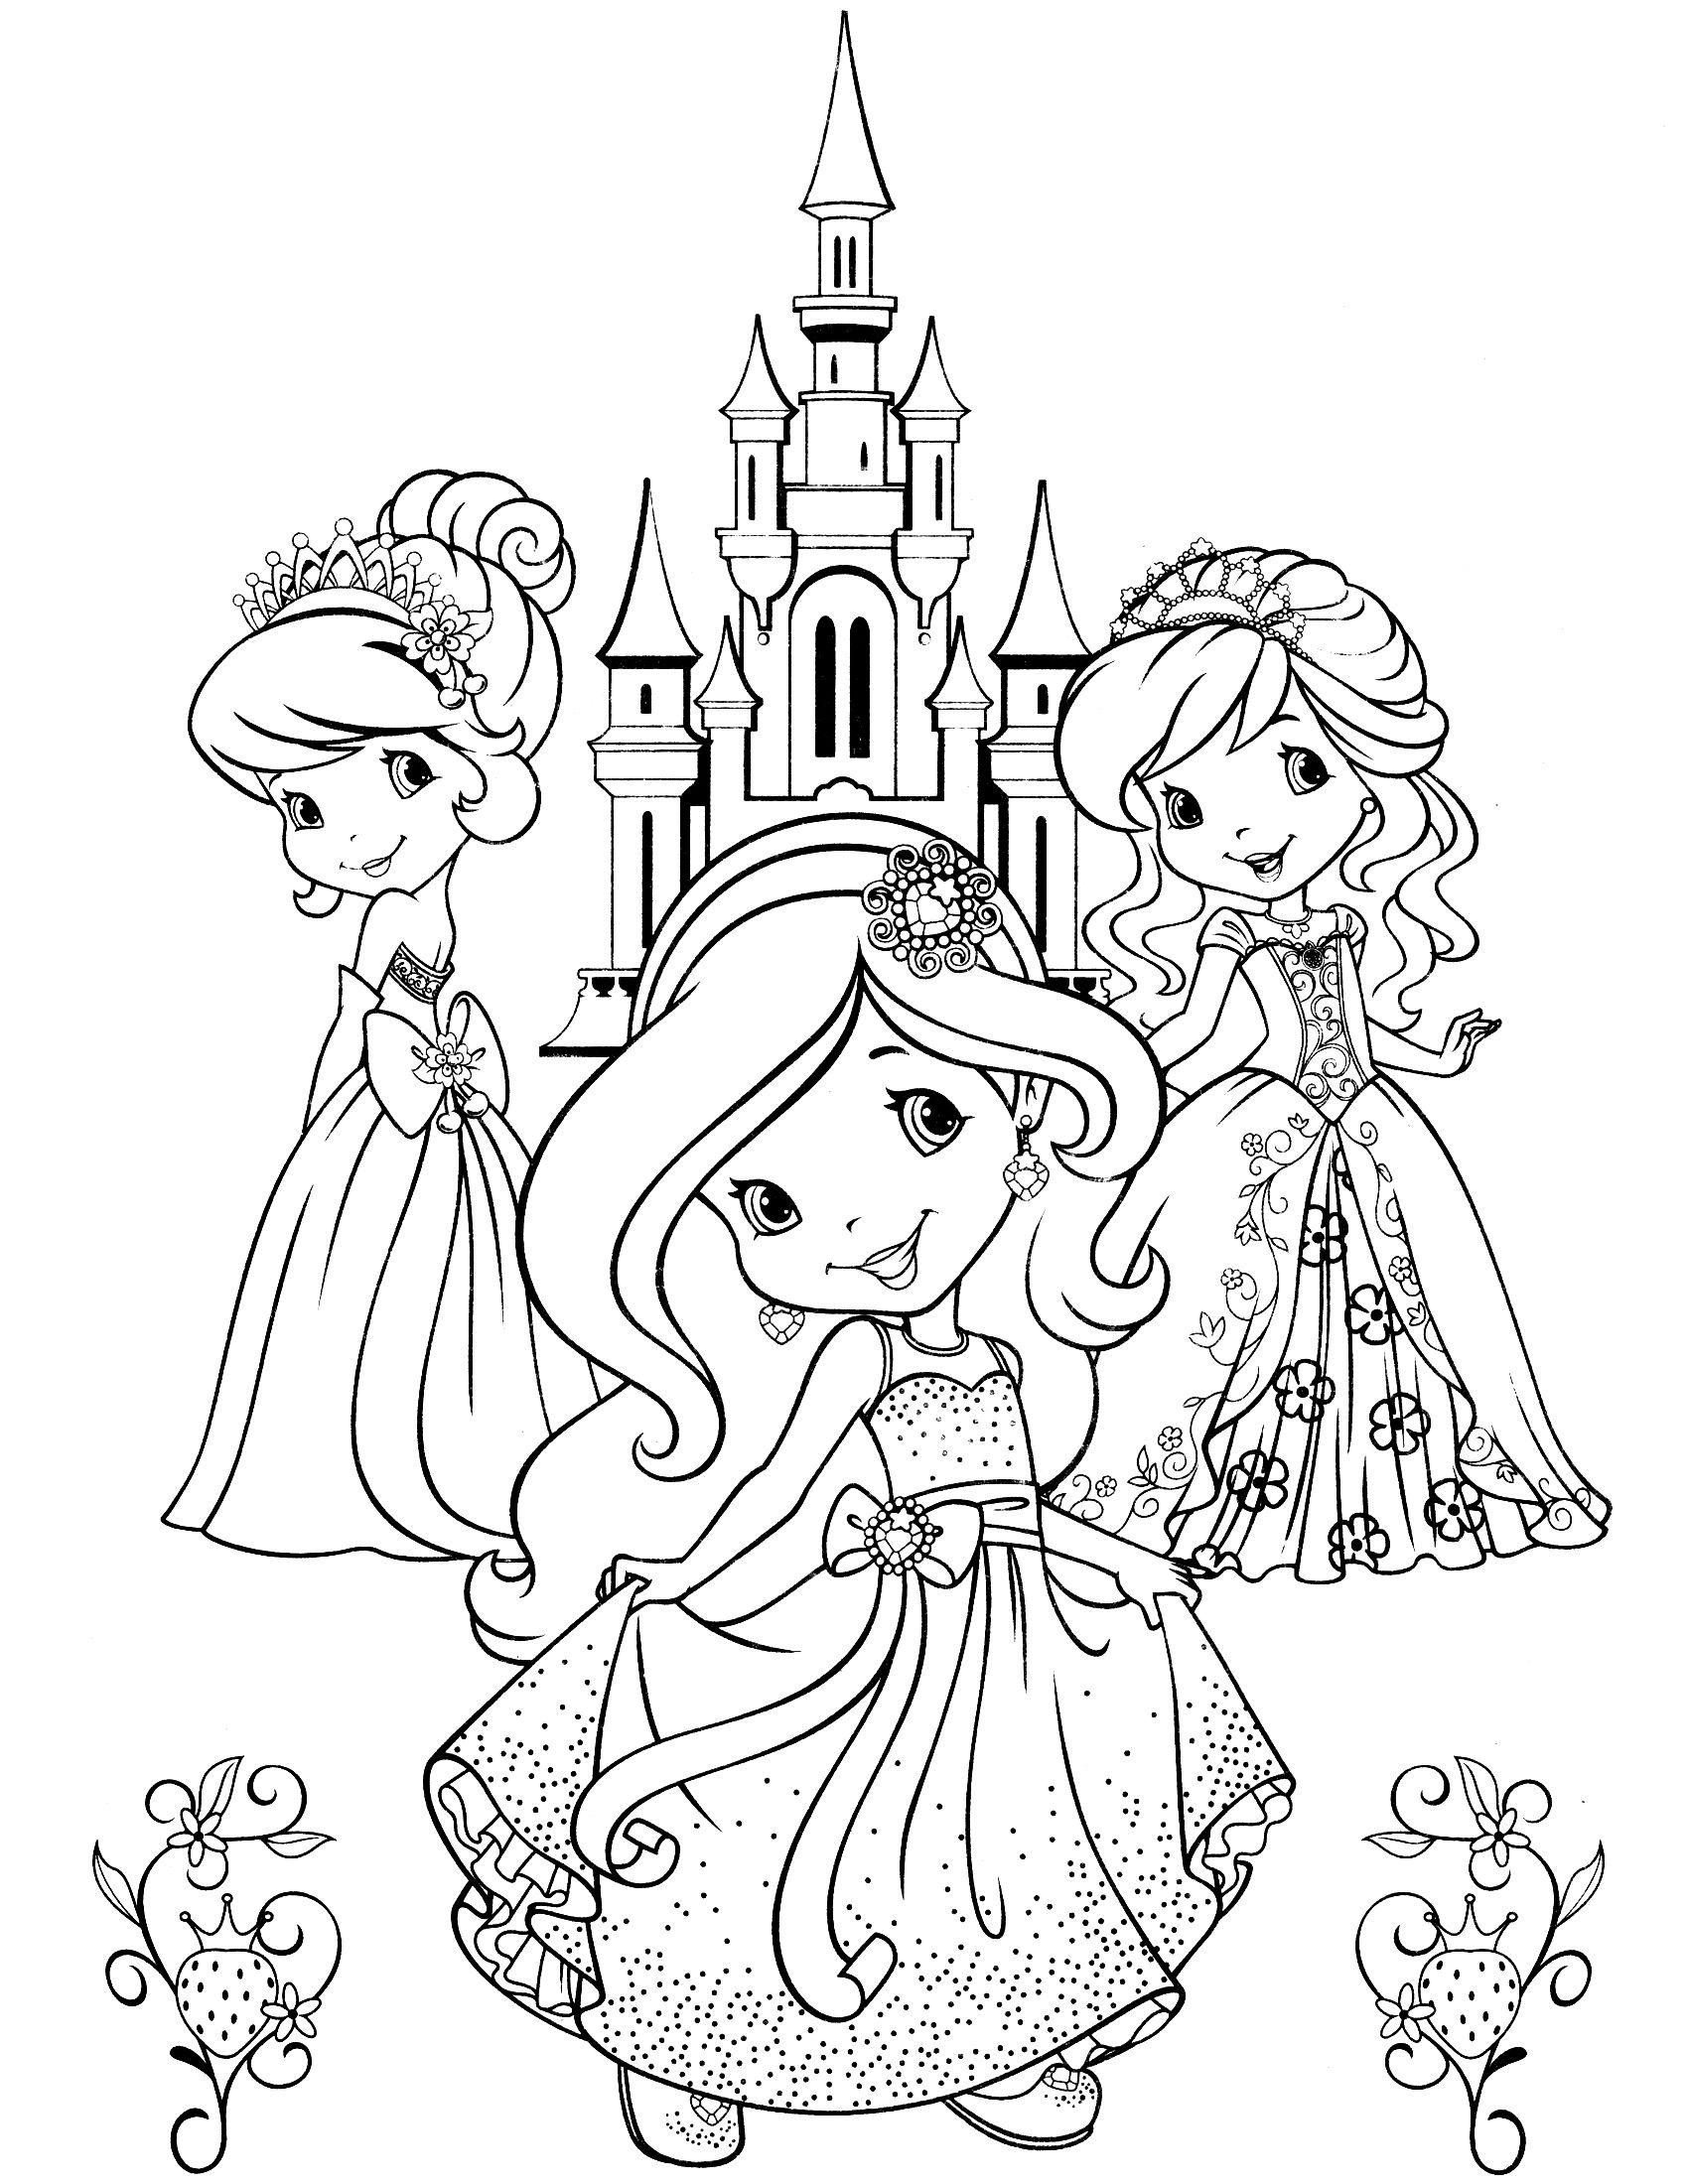 strawberry shortcake coloring page | Ausmalbilder Mädchen ...